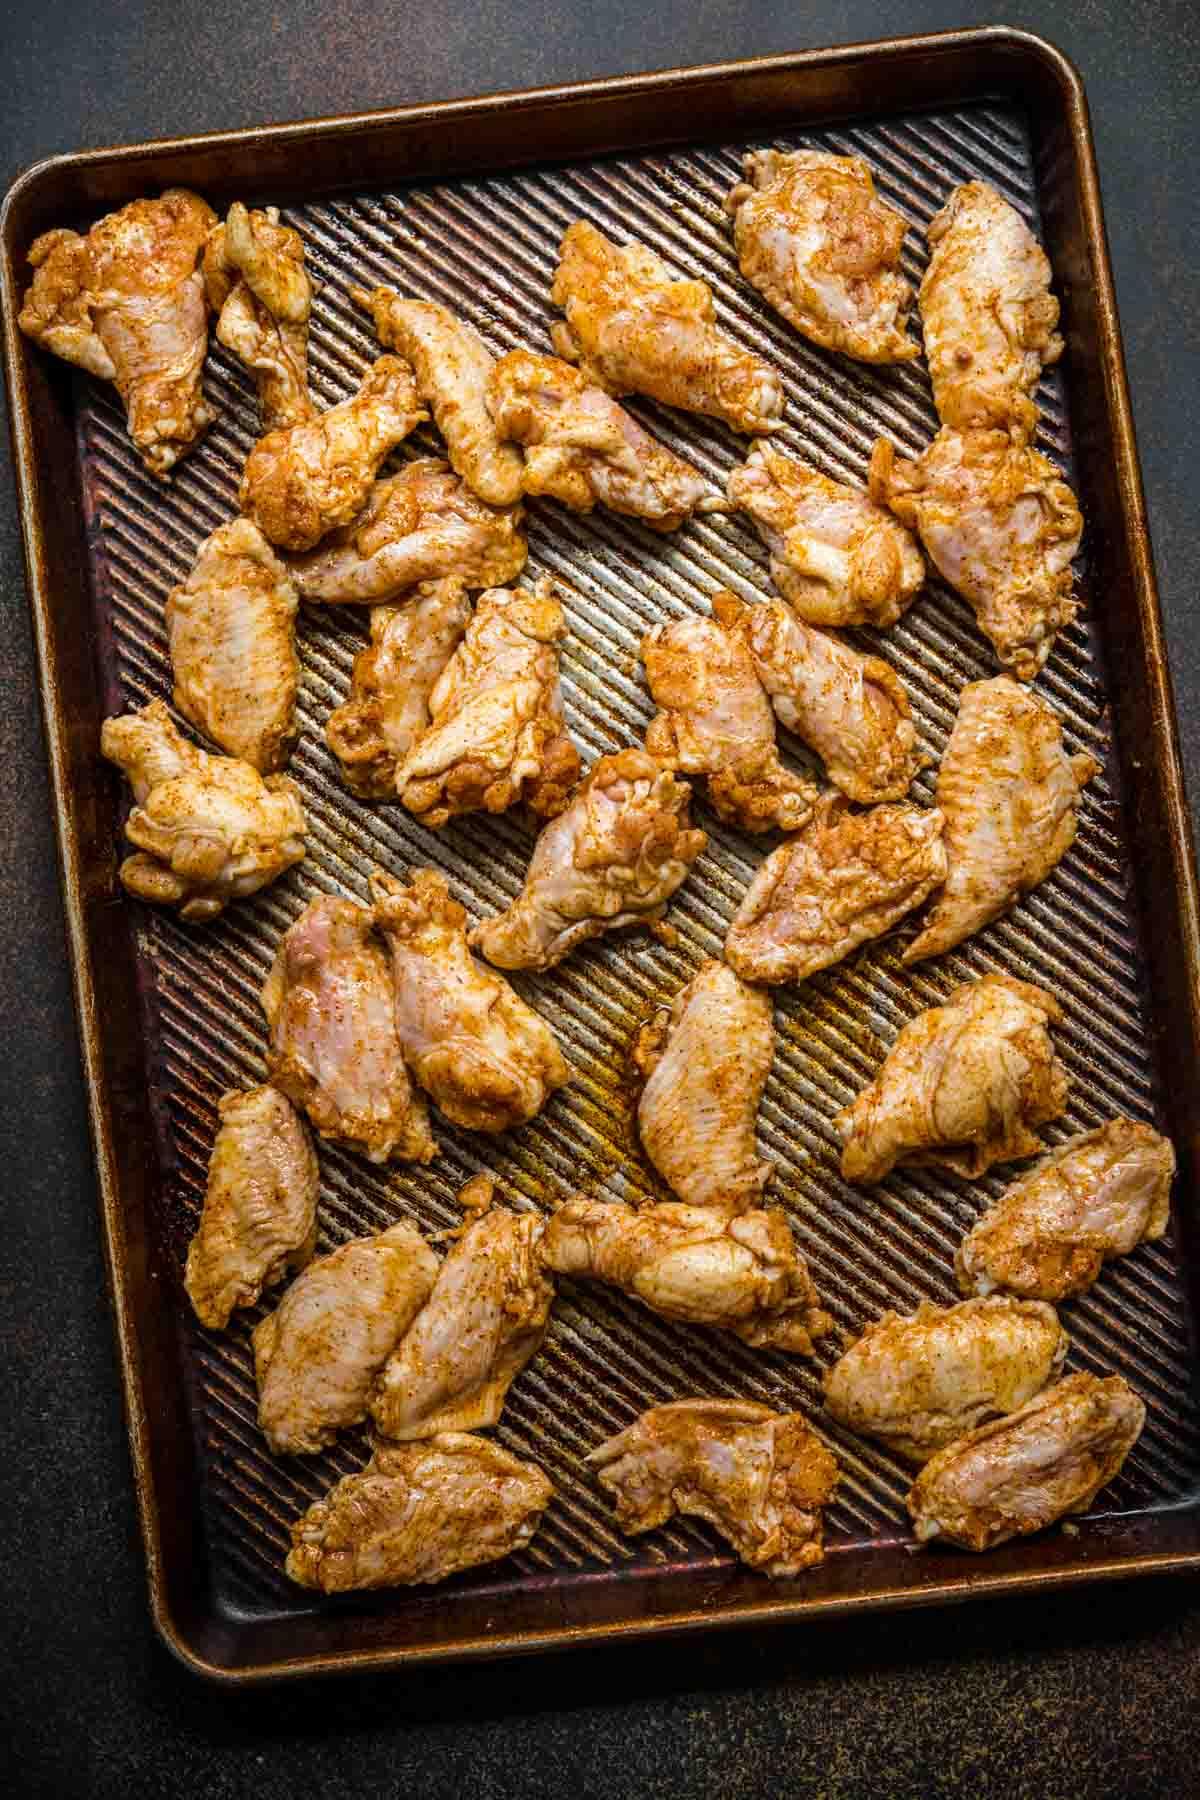 Baked Chicken Wings seasoned chicken wings on baking sheet before baking